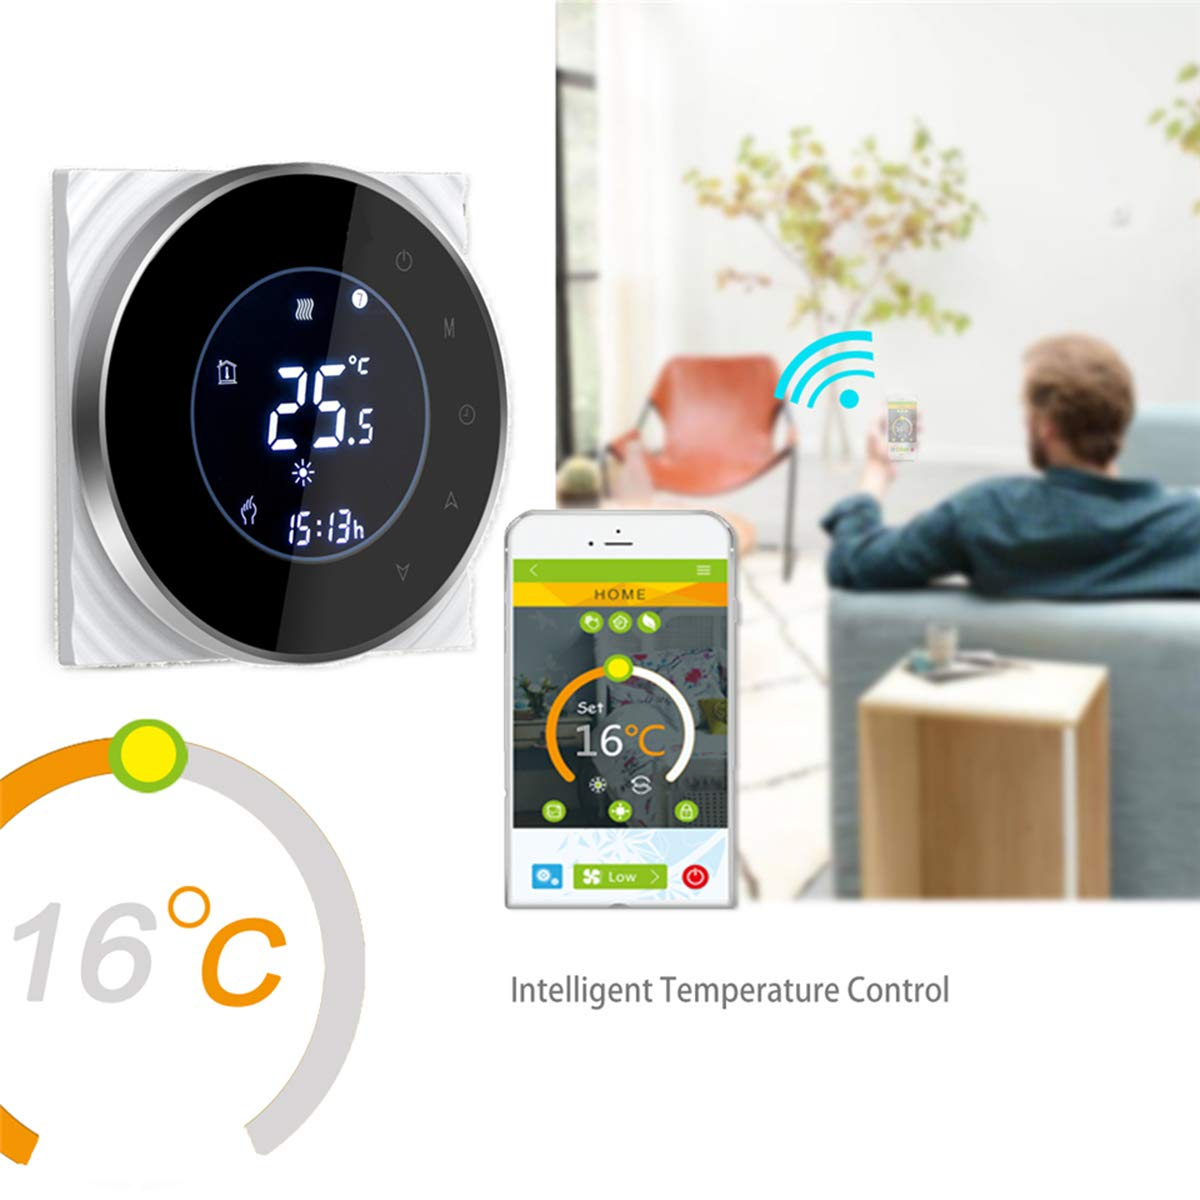 Termostato Inteligente para caldera de gas//aguaTermostato Calefaccion Wifi Pantalla LCD pantalla TN Bot/ón t/áctil retroiluminado programable con Alexa Google Home and Phone APP-Redondo//Negro